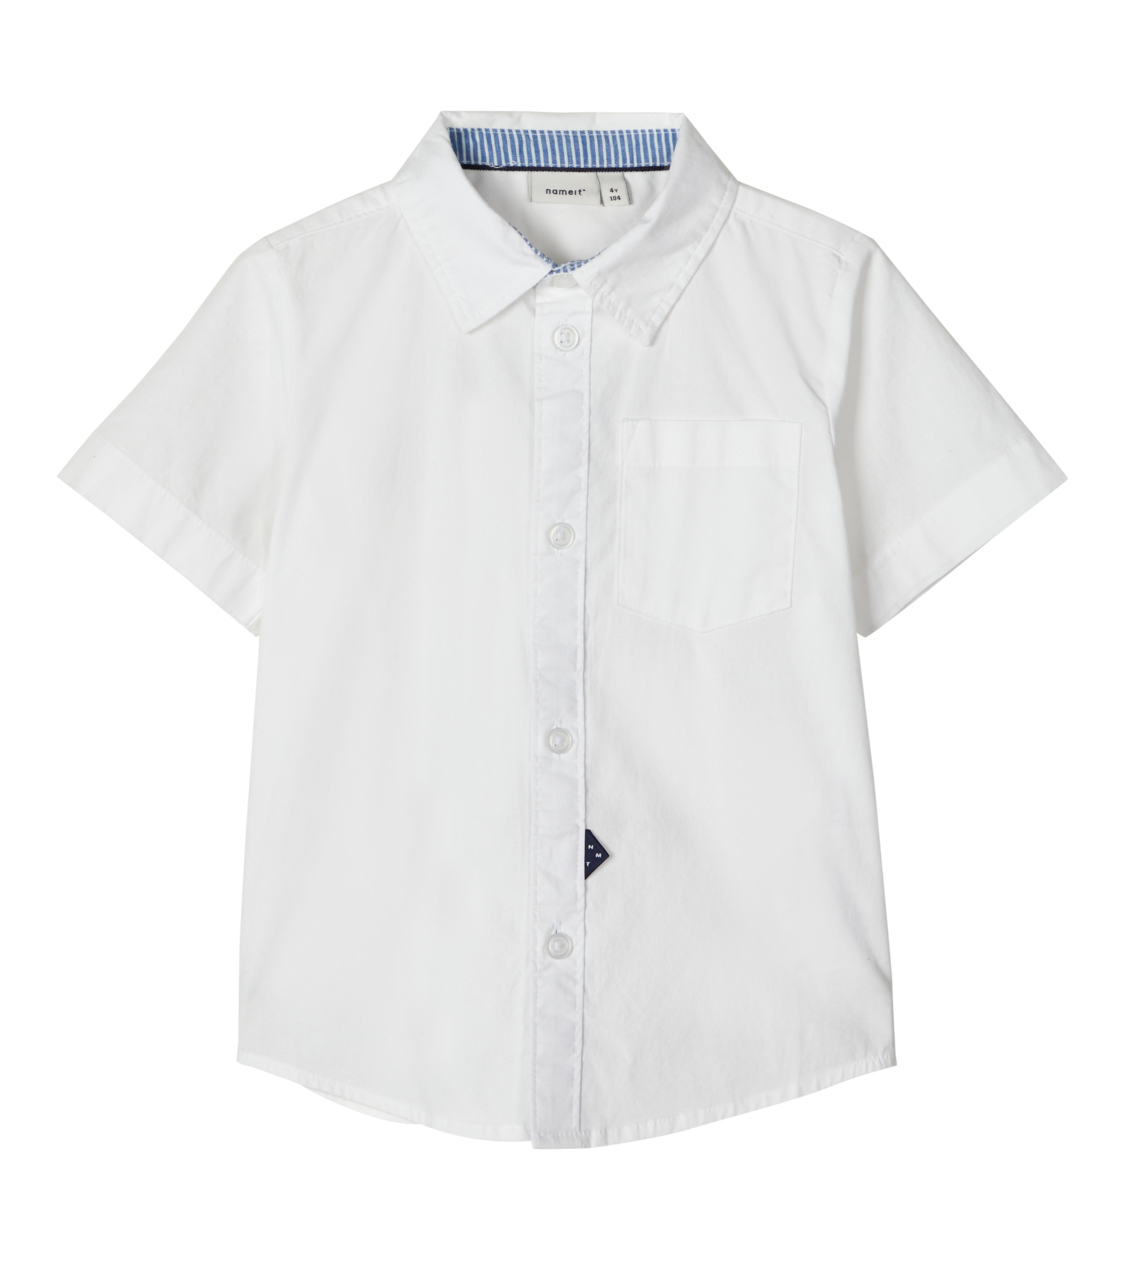 name it jungen hemd hemd weiß kurzarm festlich online kaufen | ceres webshop